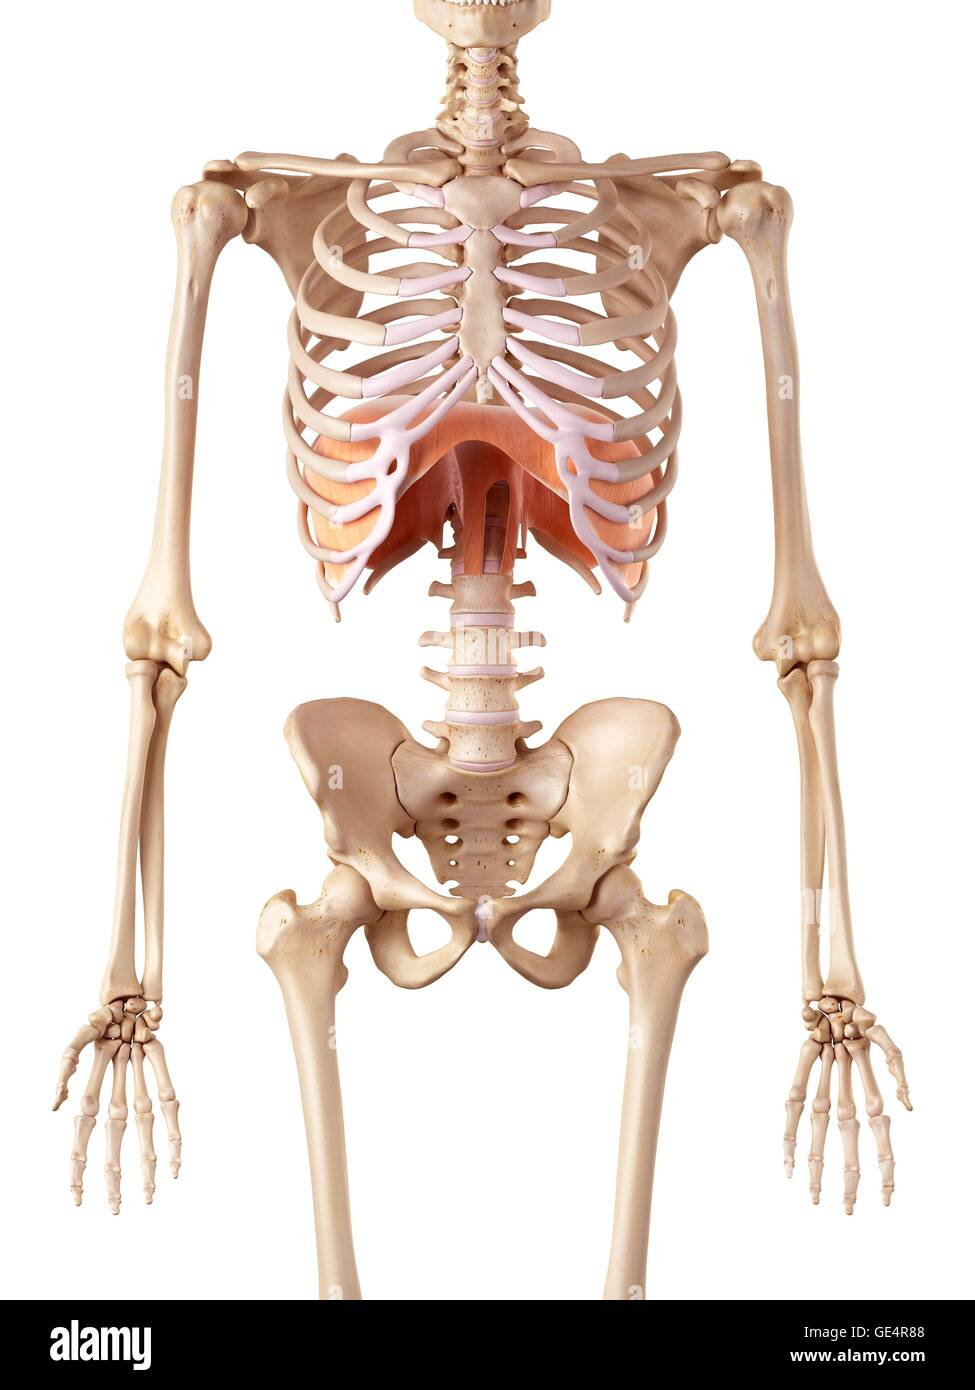 Großzügig Menschliches Membran Bild Bilder - Anatomie Ideen ...